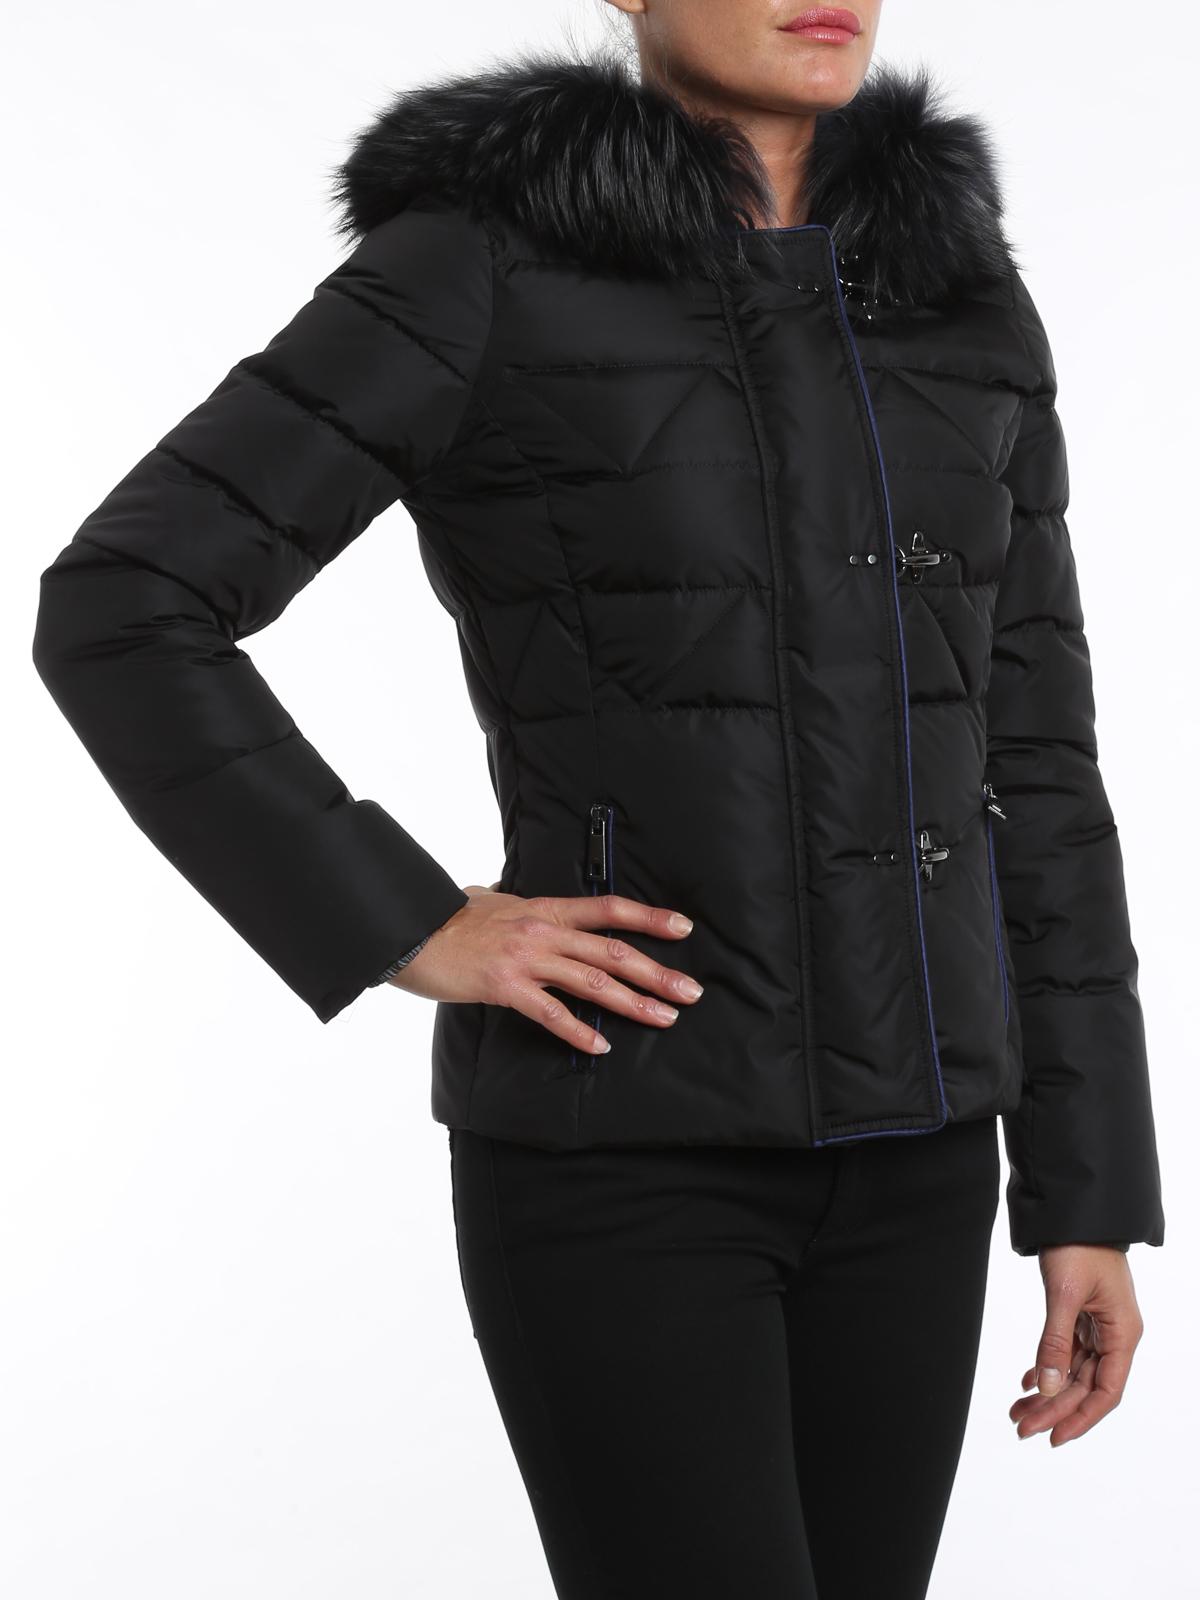 official photos a4c78 d2d4f Fay - Piumino con pelliccia - giacche imbottite ...